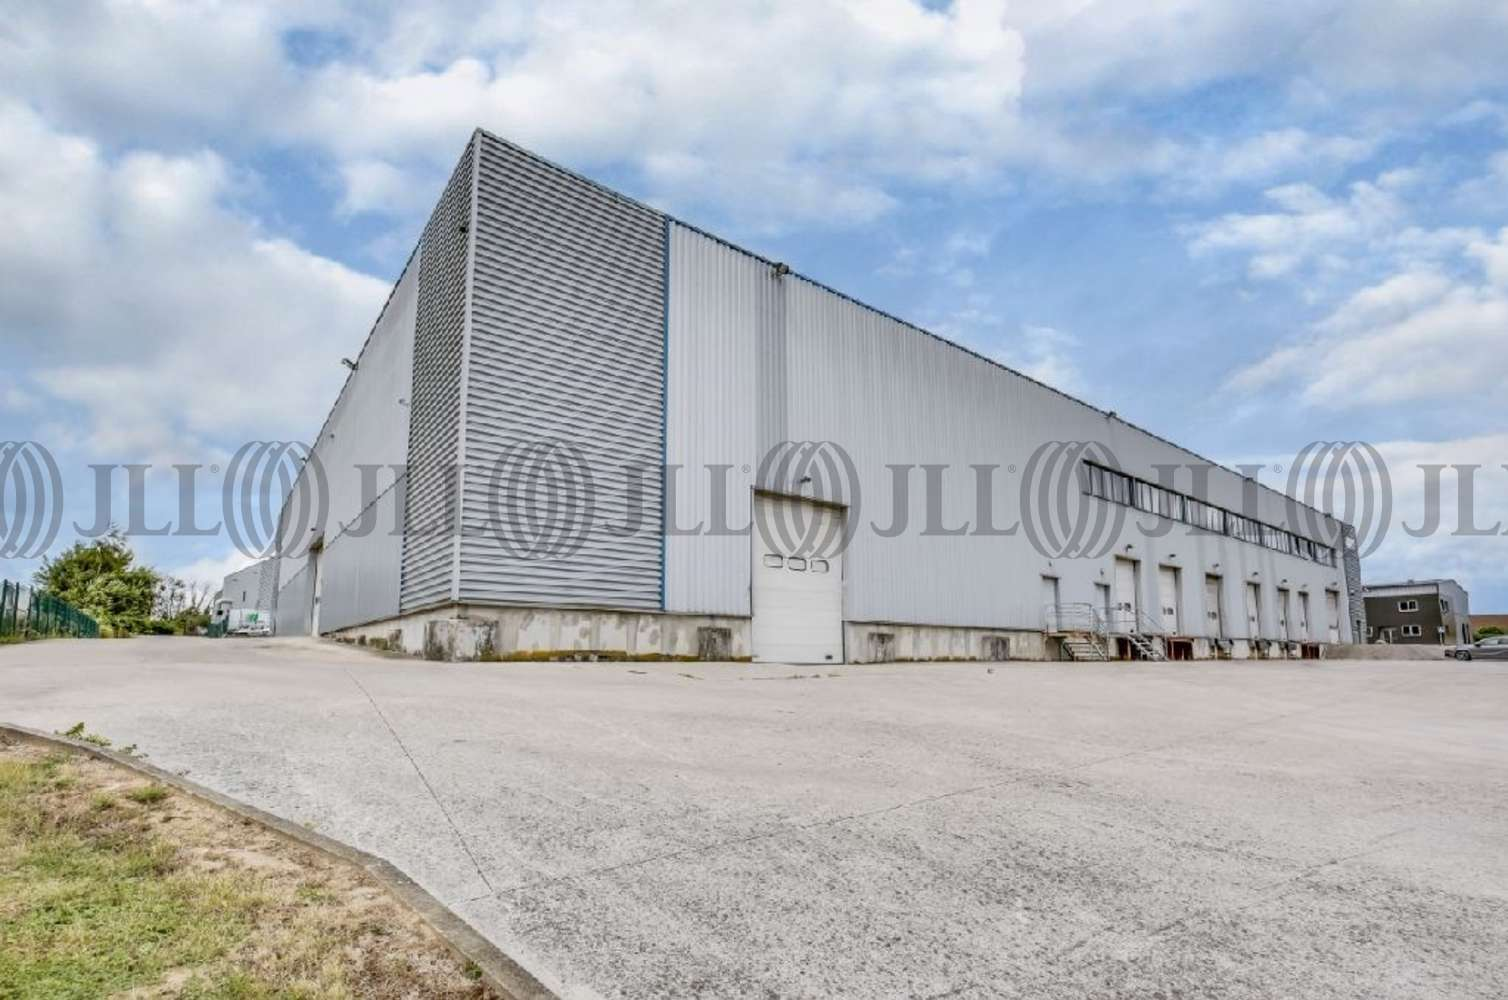 Activités/entrepôt Villeneuve sous dammartin, 77230 - 8 RUE DES ACACIAS - 9465548